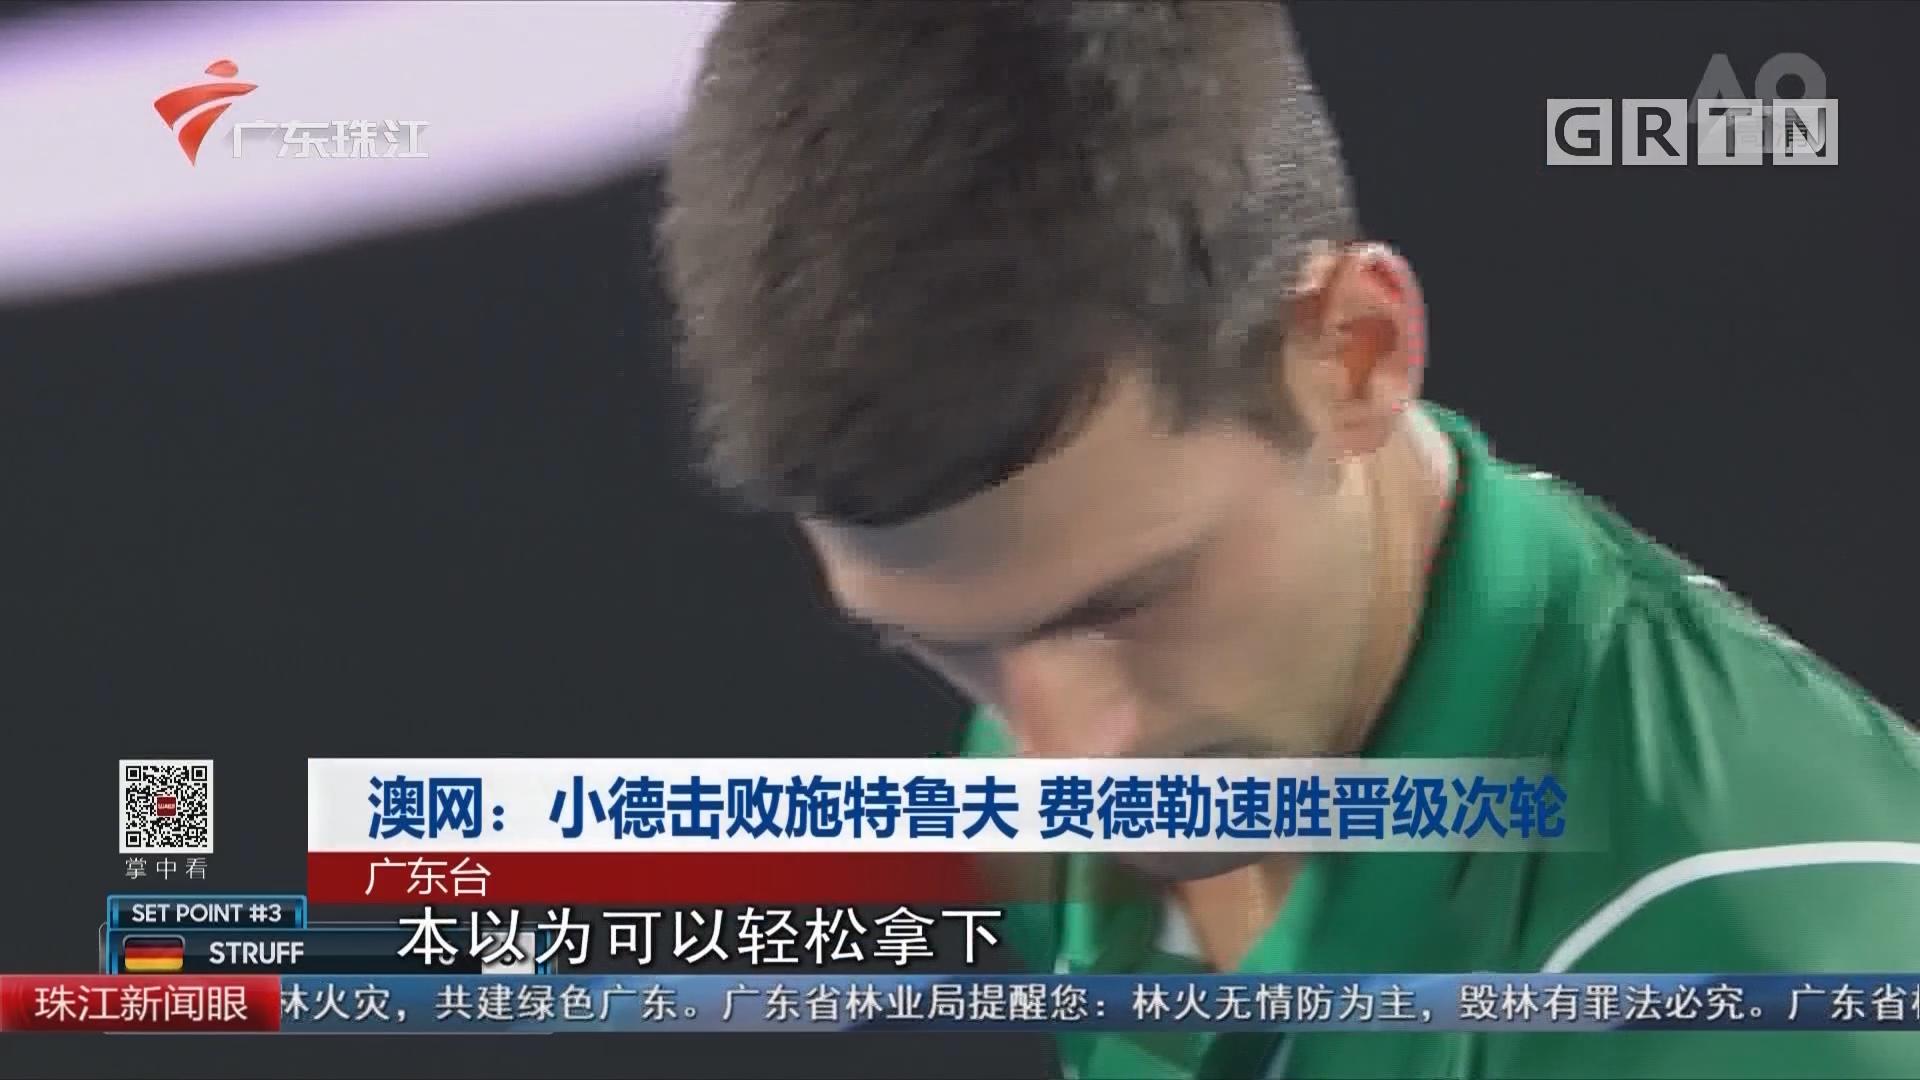 澳网:小德击败施特鲁夫 费德勒速胜晋级次轮